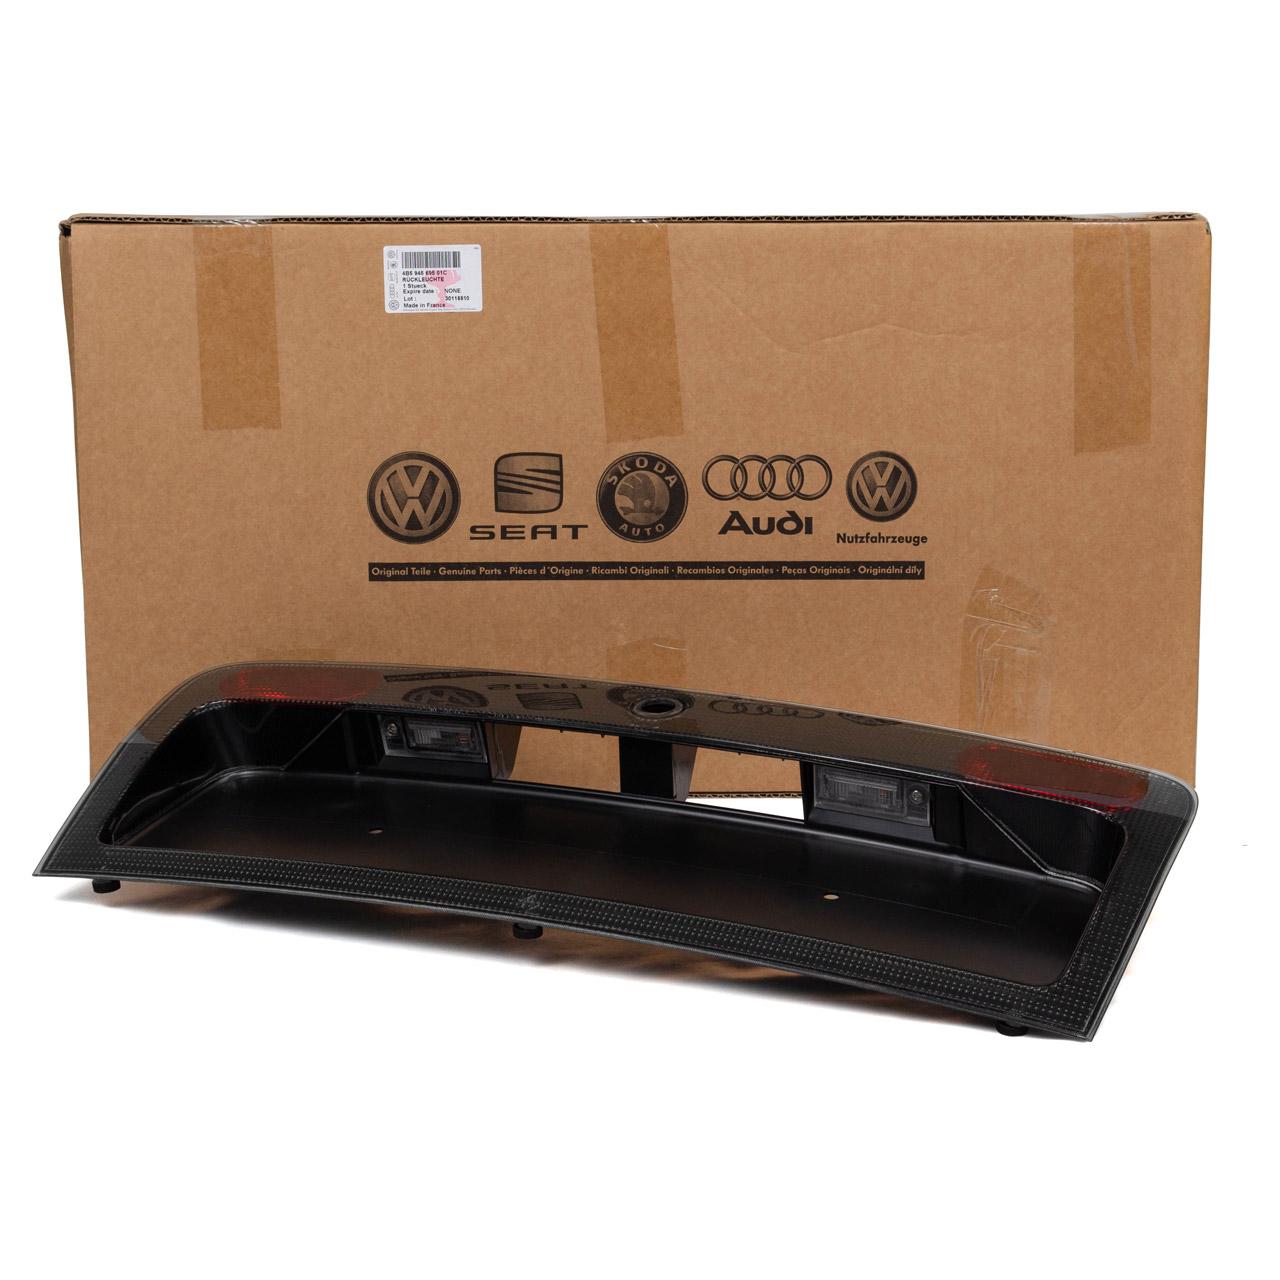 ORIGINAL Audi Kennzeichenhalter Nebelschlussleuchte A6 C5 hinten 4B5945695 01C